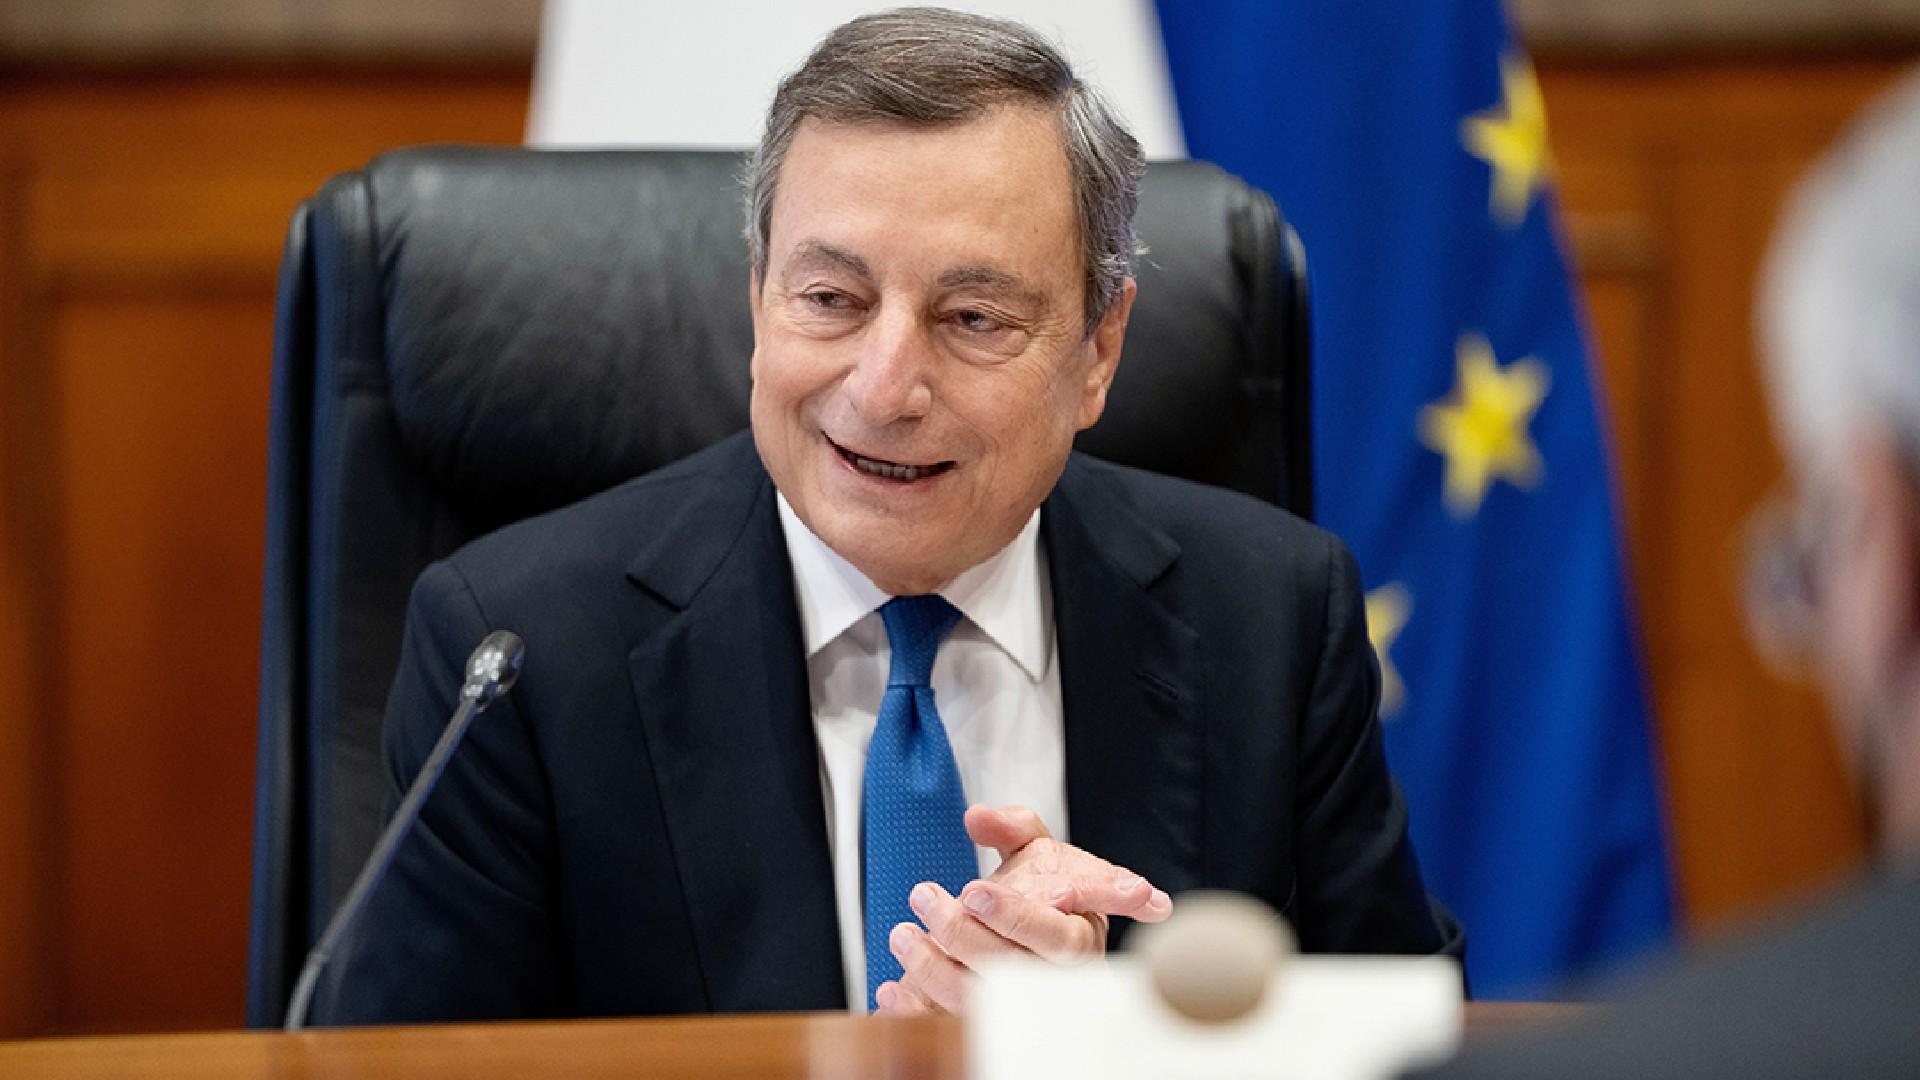 Iva e Irpef al centro della riforma fiscale di Mario Draghi: cosa cambia per il cittadino